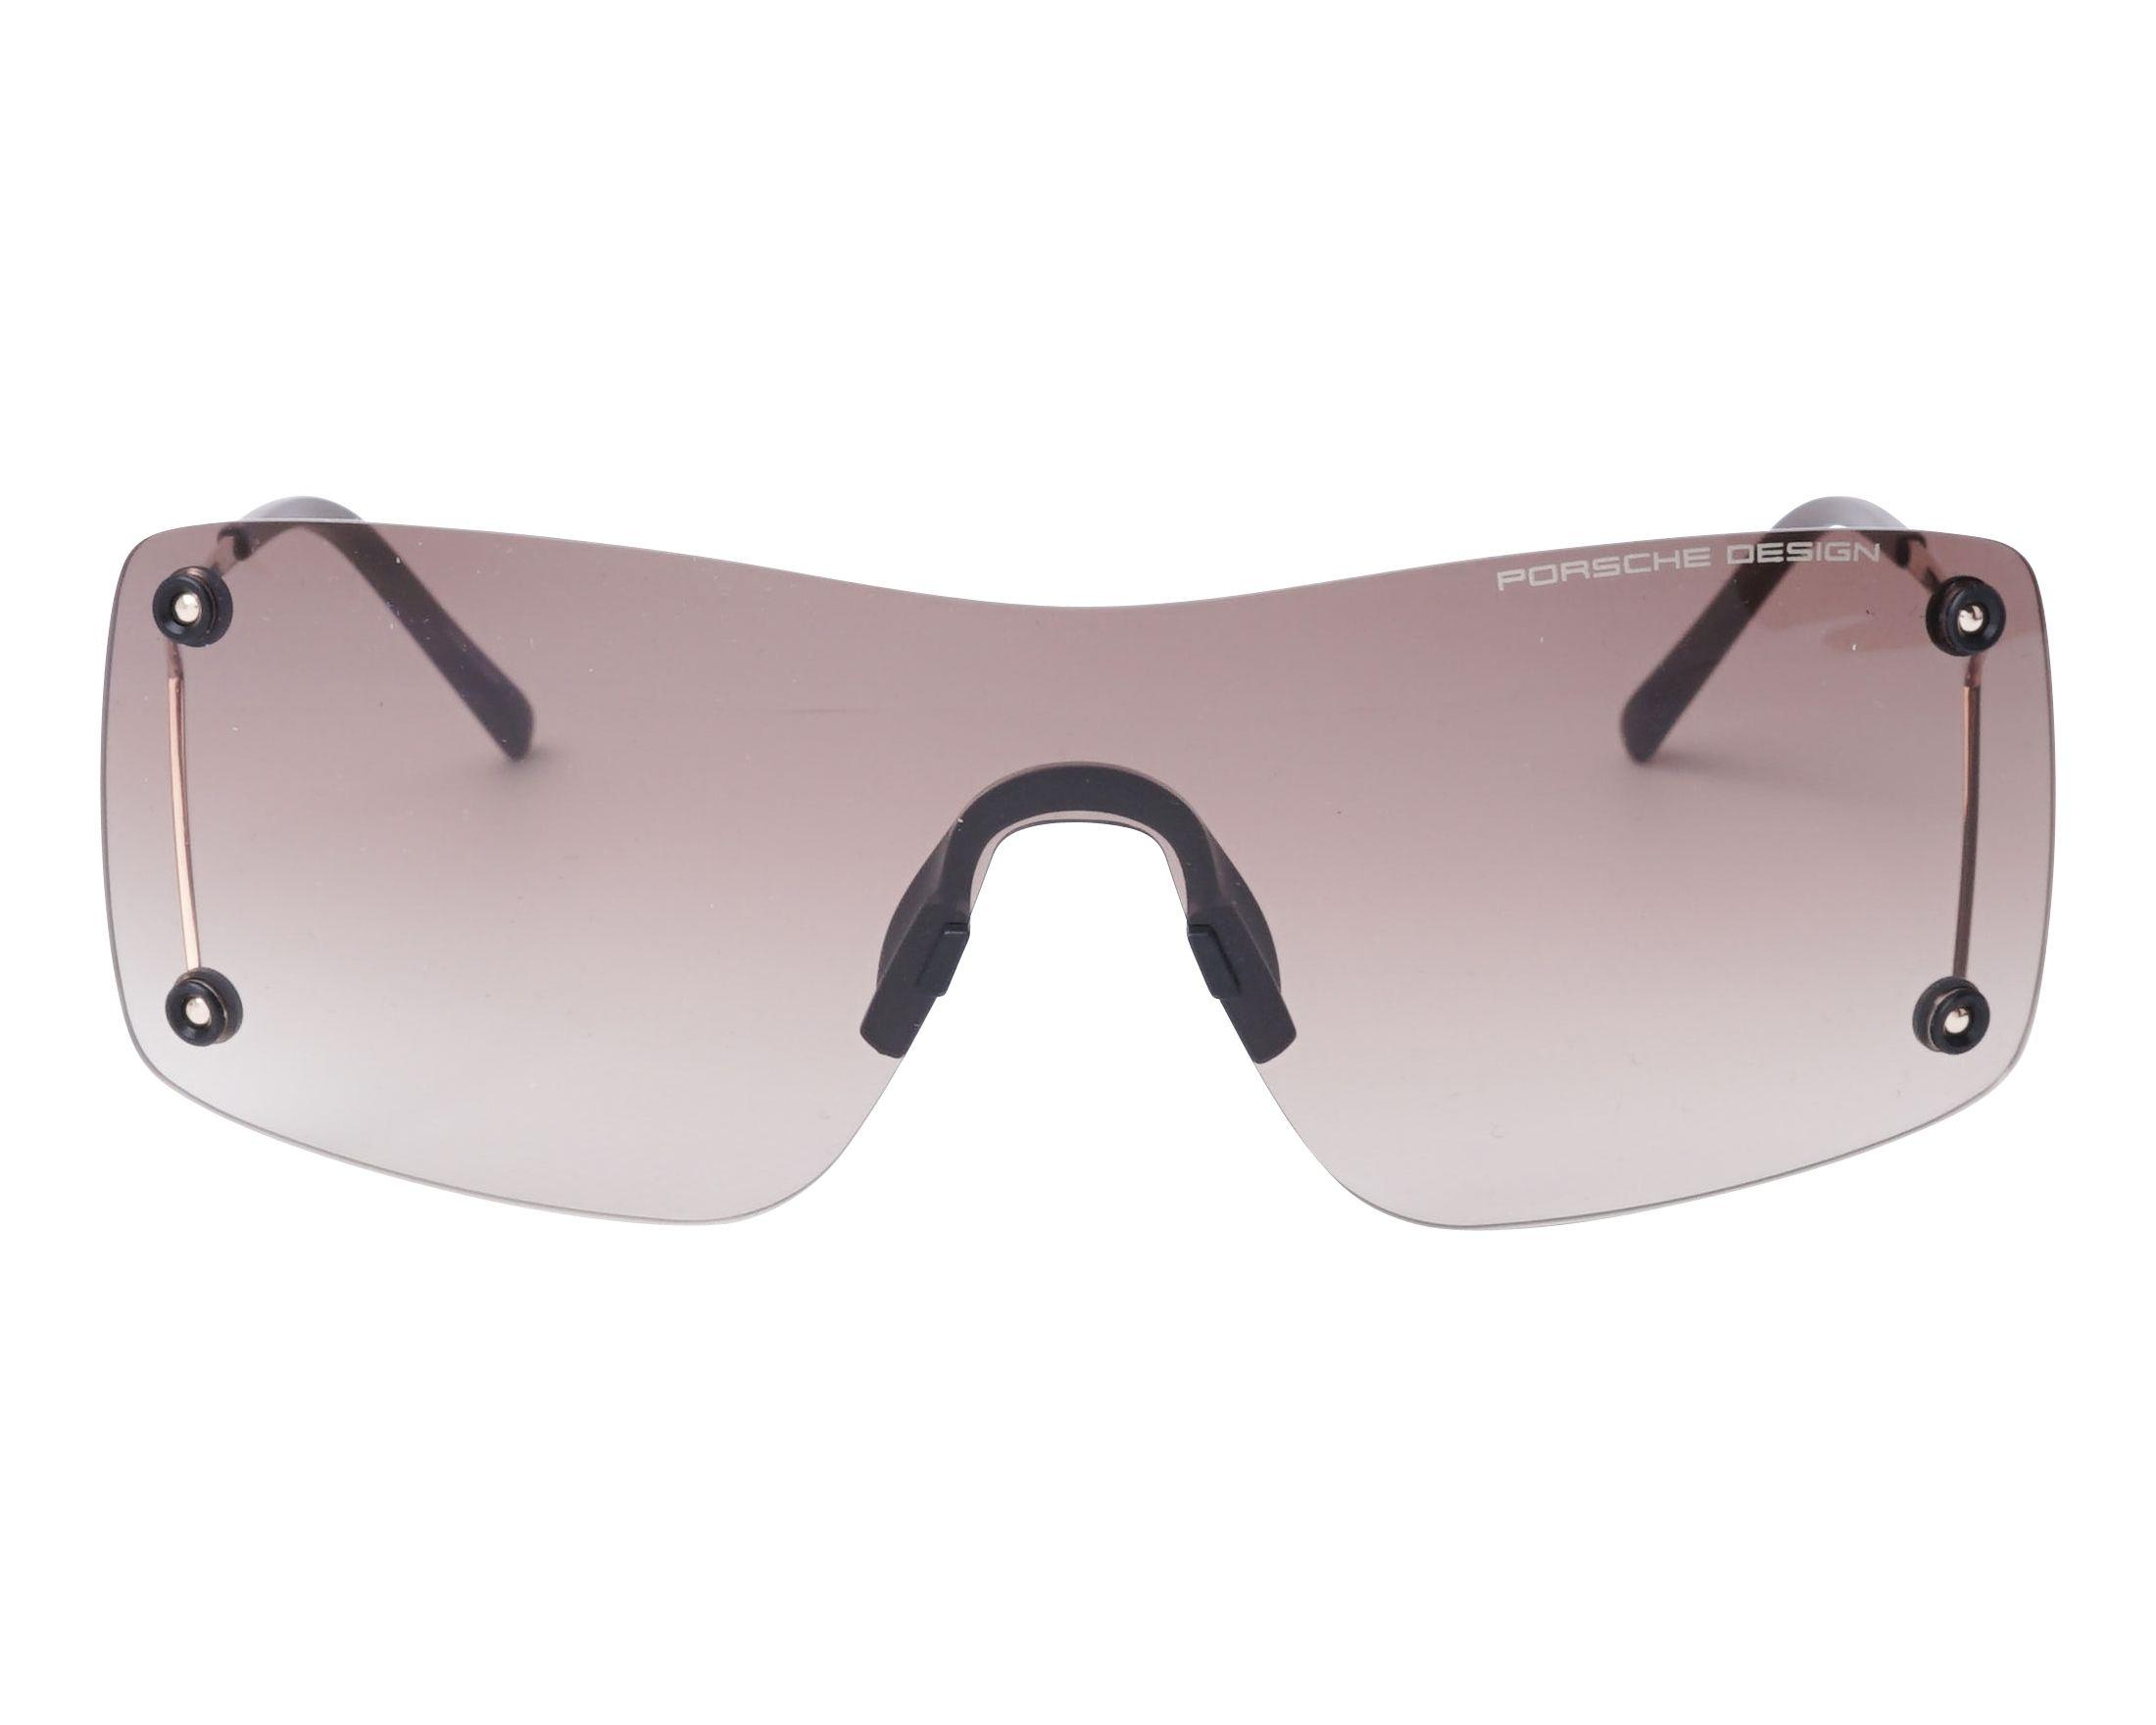 Porsche Design Sonnenbrille (P8620 B 140) SsW8KiRpw